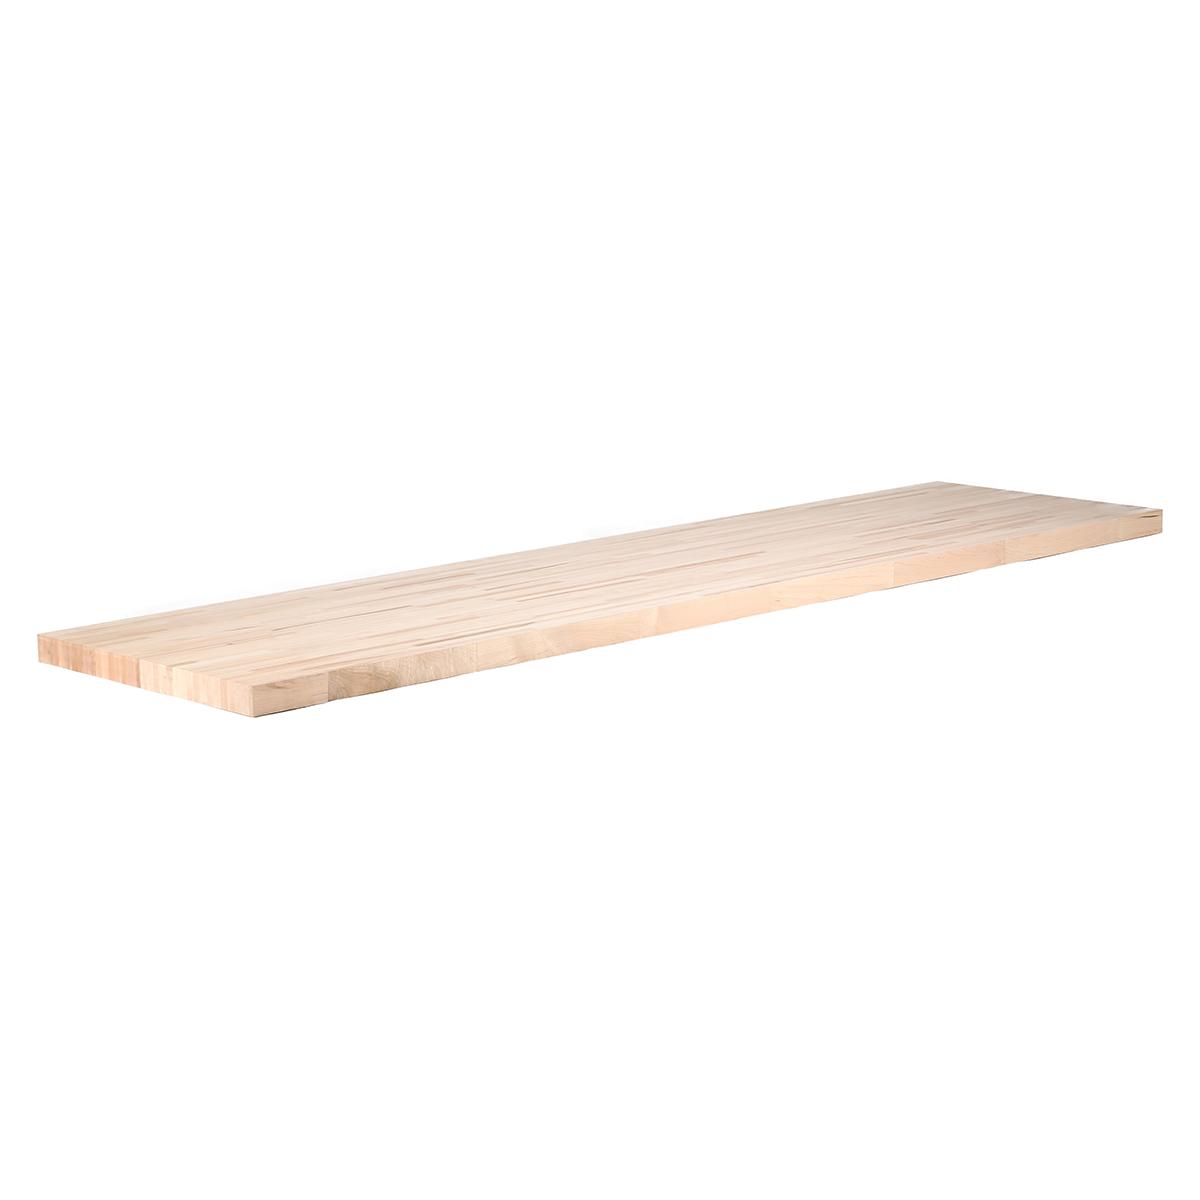 2 Quot X 8 Hard Maple Industrial Hardwood Workbench Top